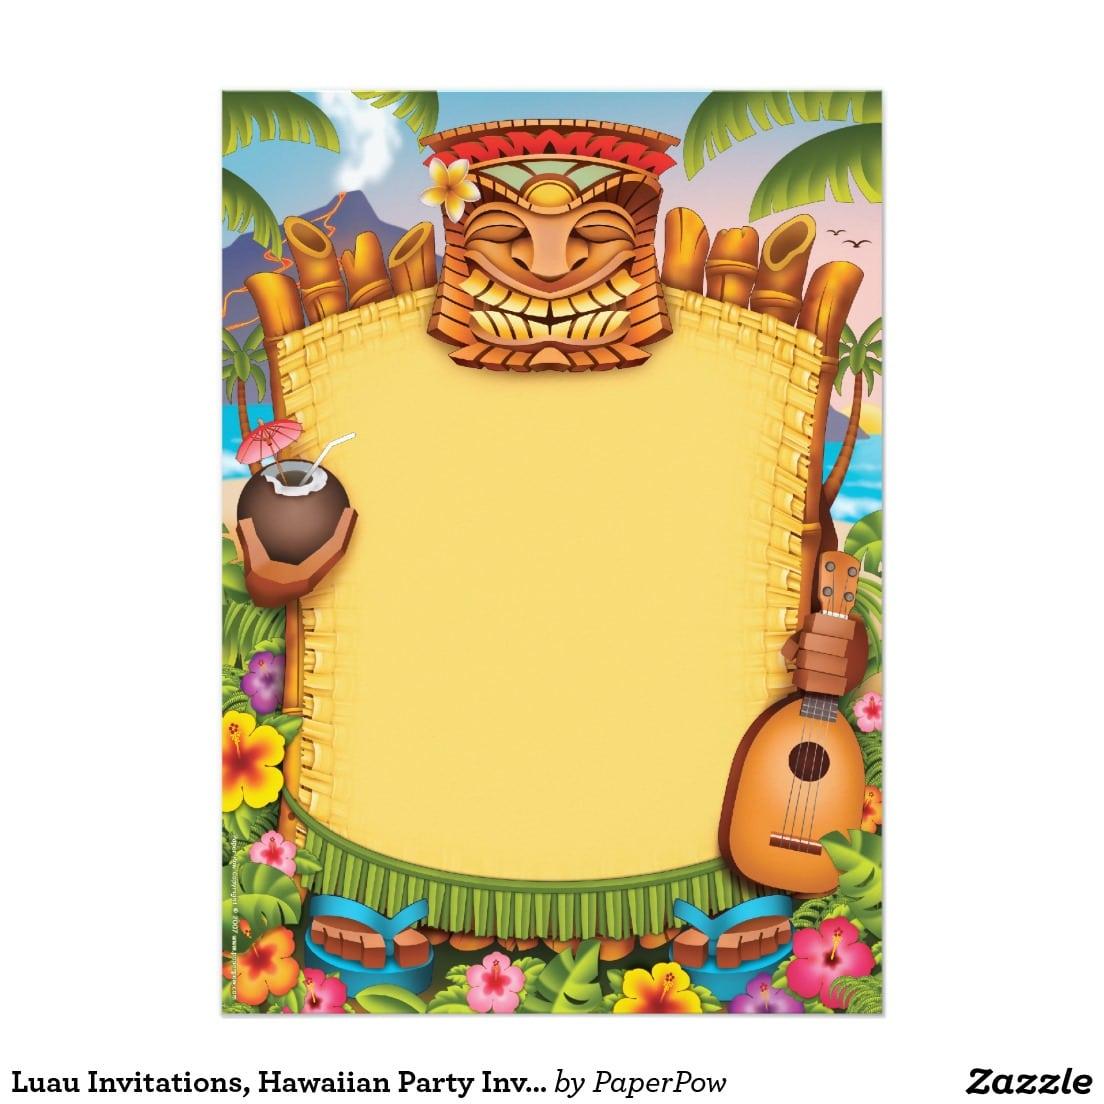 Hawaiian Themed Party Invitations - Mickey Mouse Invitations Templates